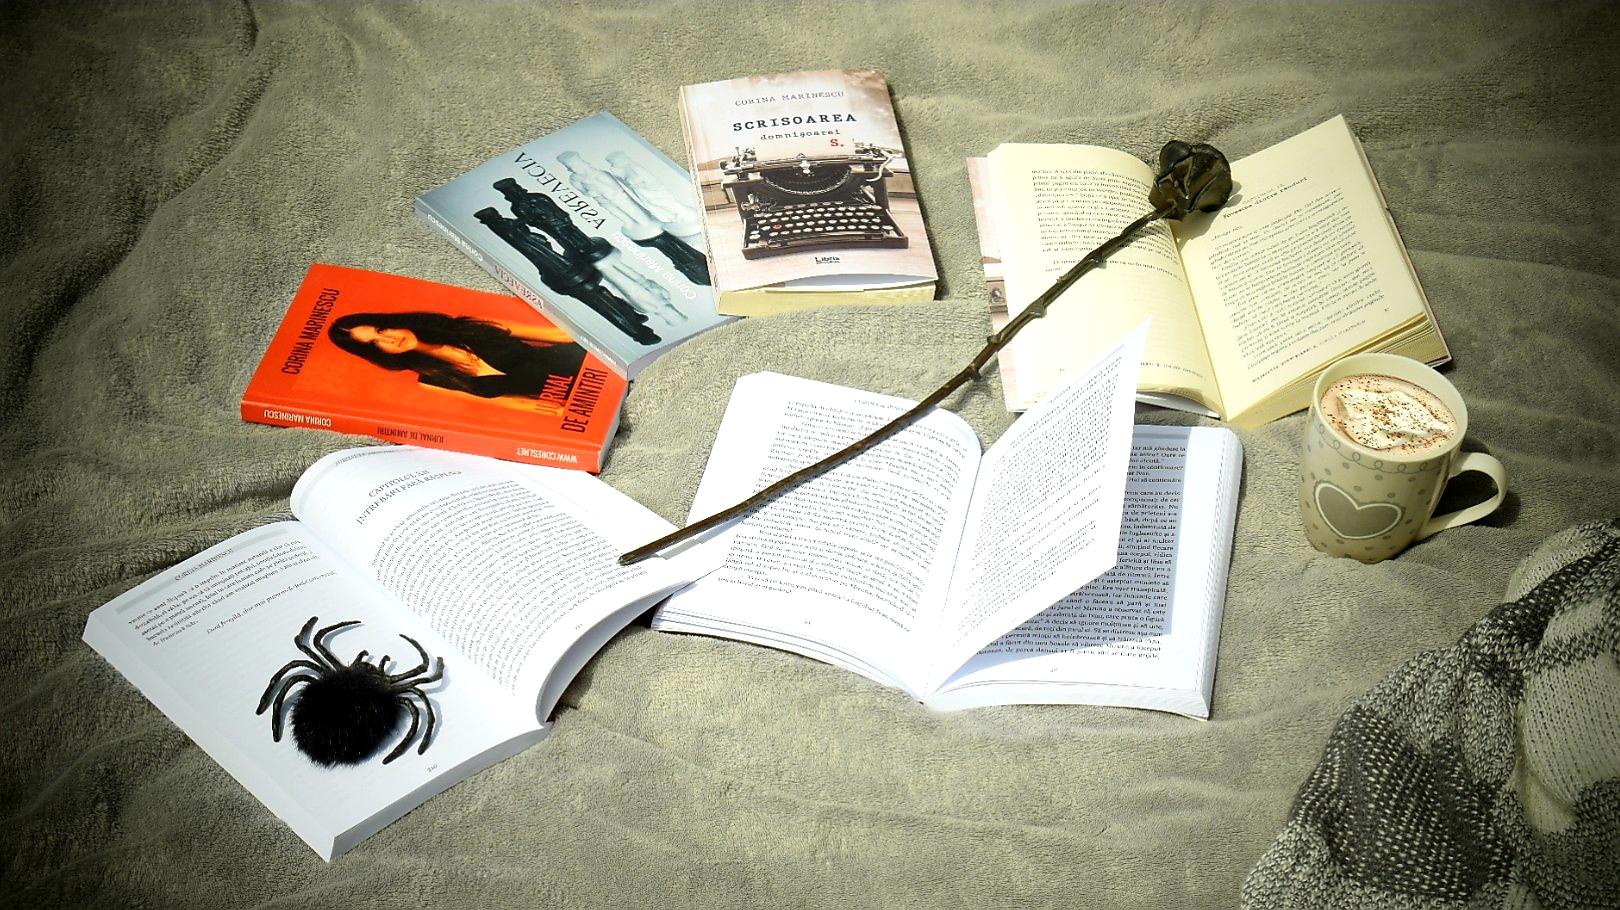 """Cărți semnate Corina Marinescu: """"Jurnal de Amintiri"""", """"Viceversa"""" și """"Scrisoarea domnișoarei S."""""""